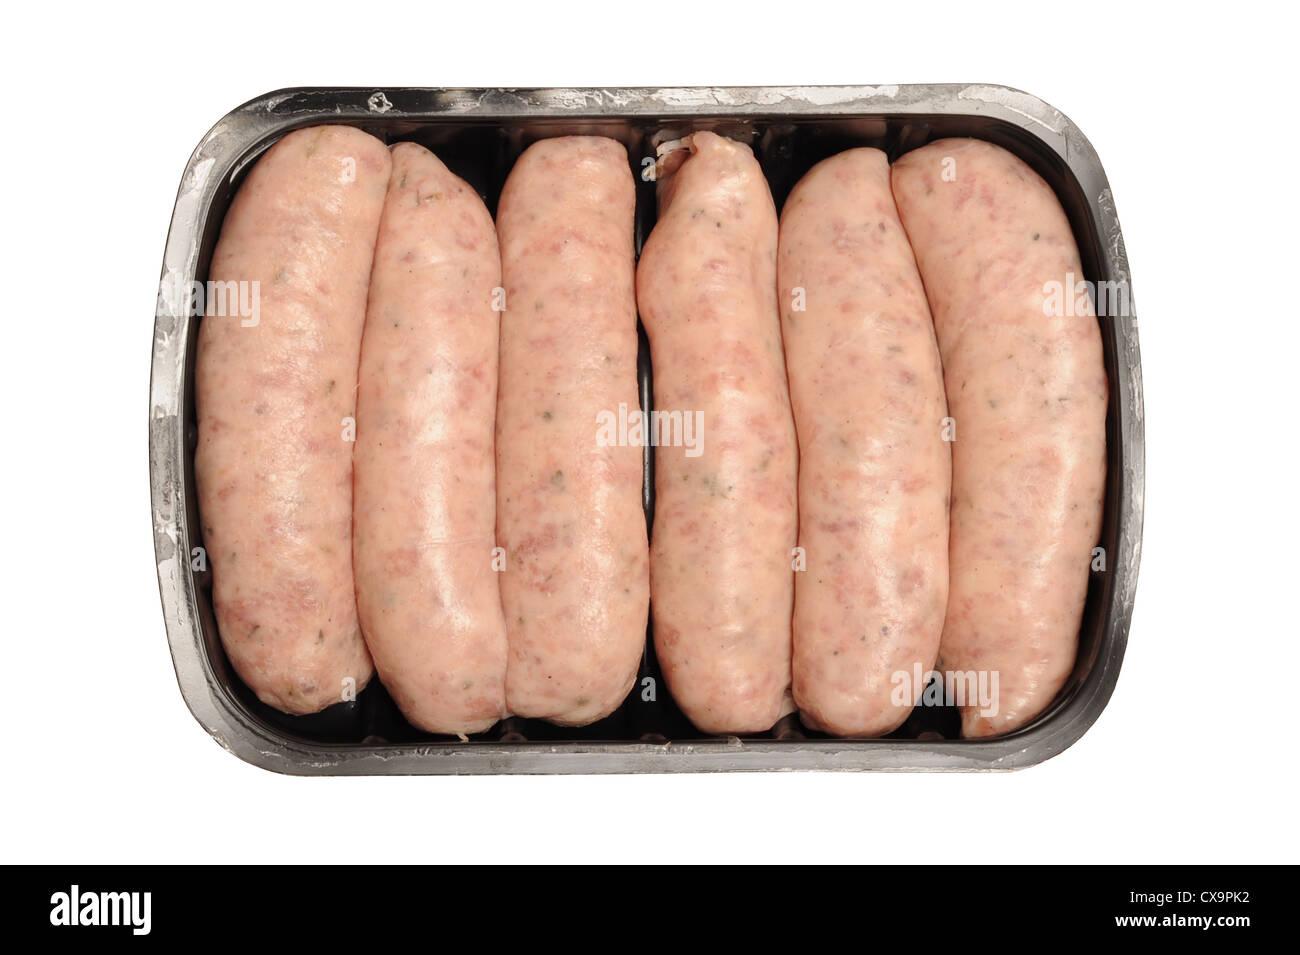 Les saucisses dans l'emballage Photo Stock